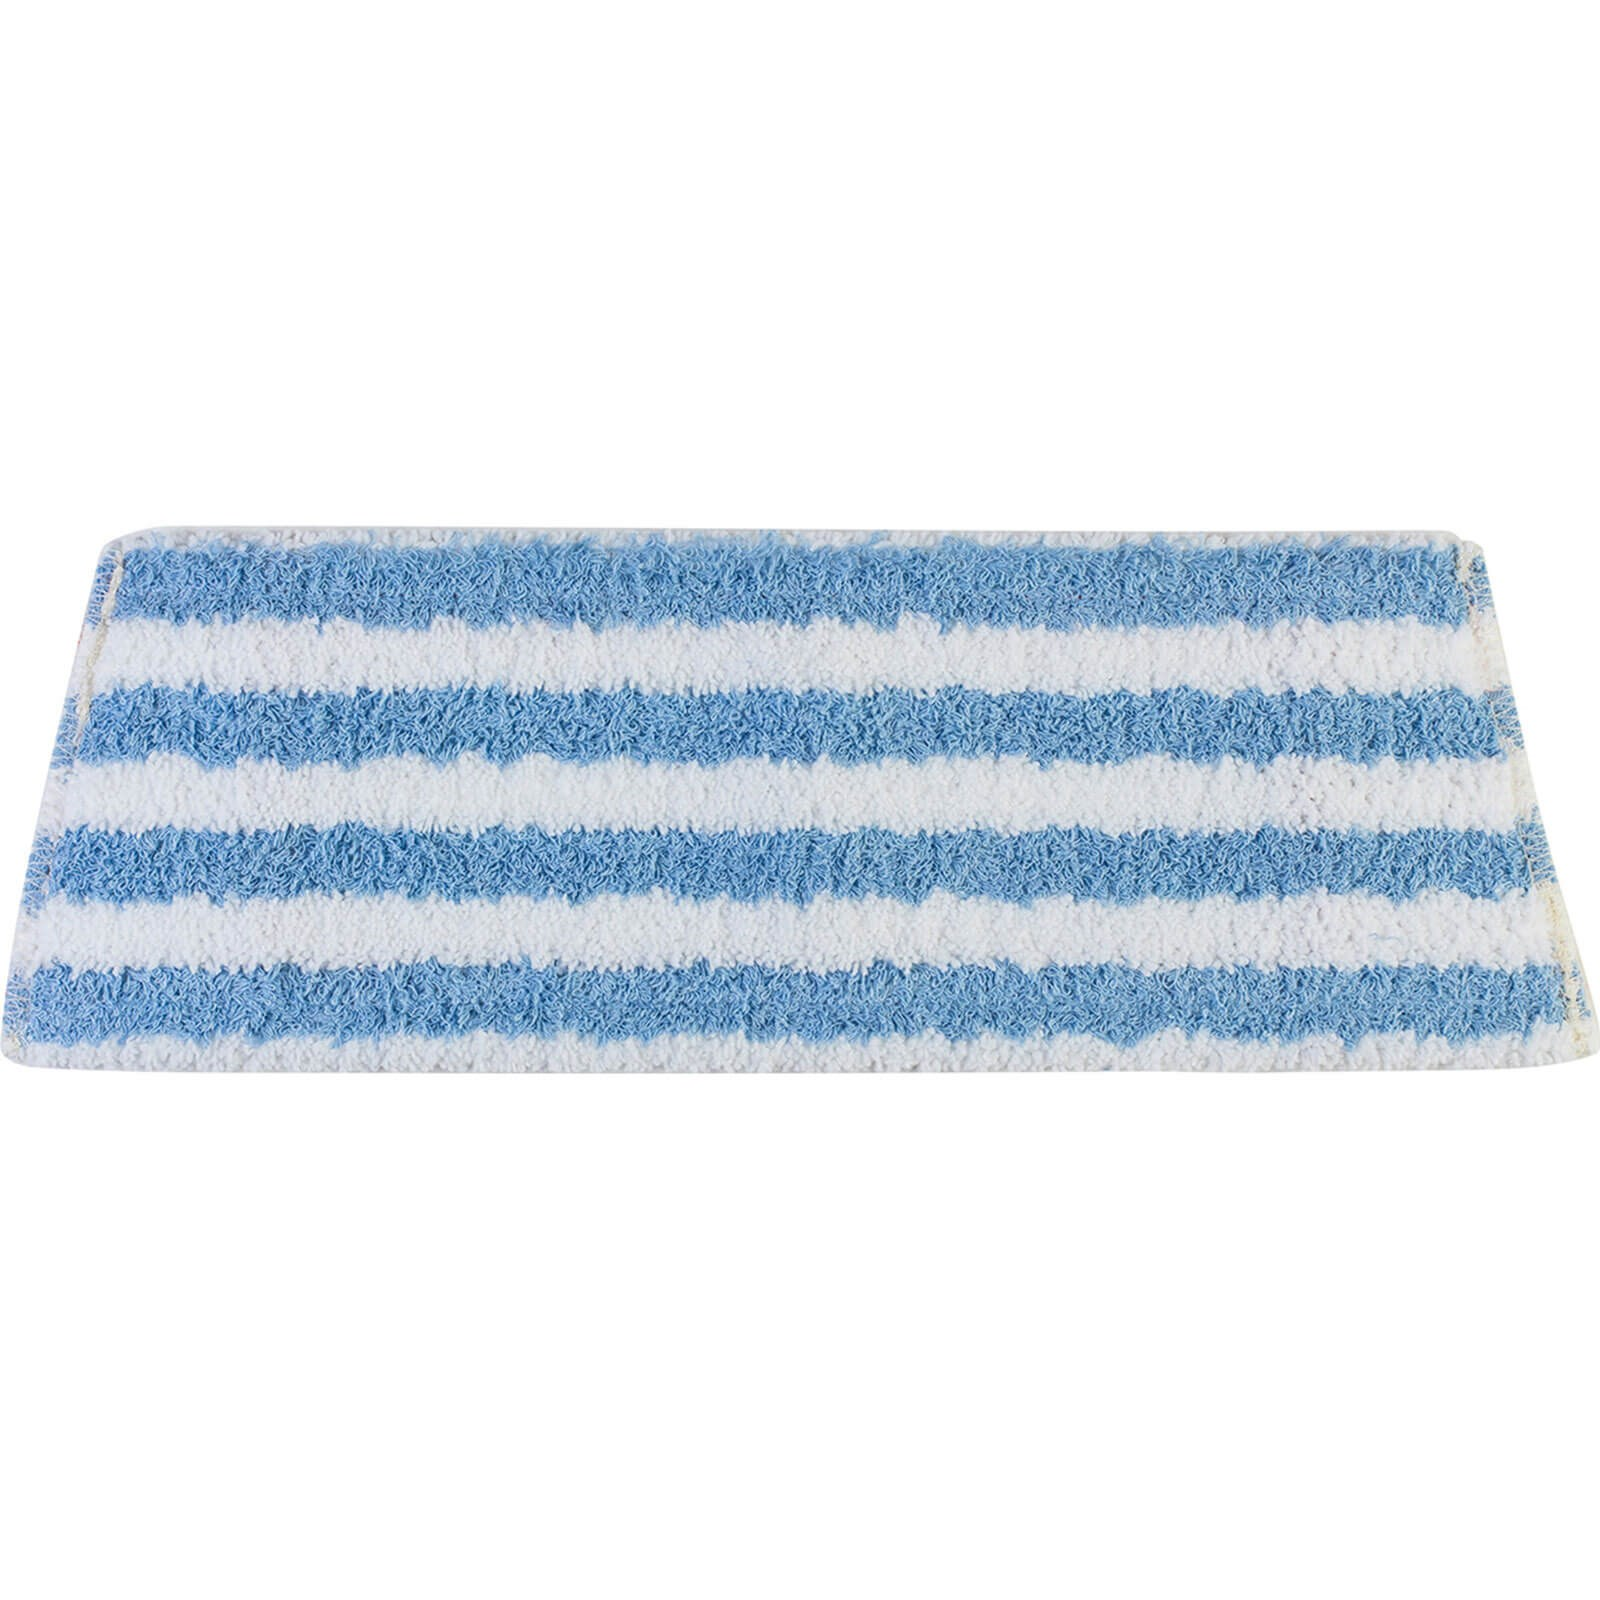 Vileda Active Max Mop Cotton And Microfibre Refill Pad Mop Refills